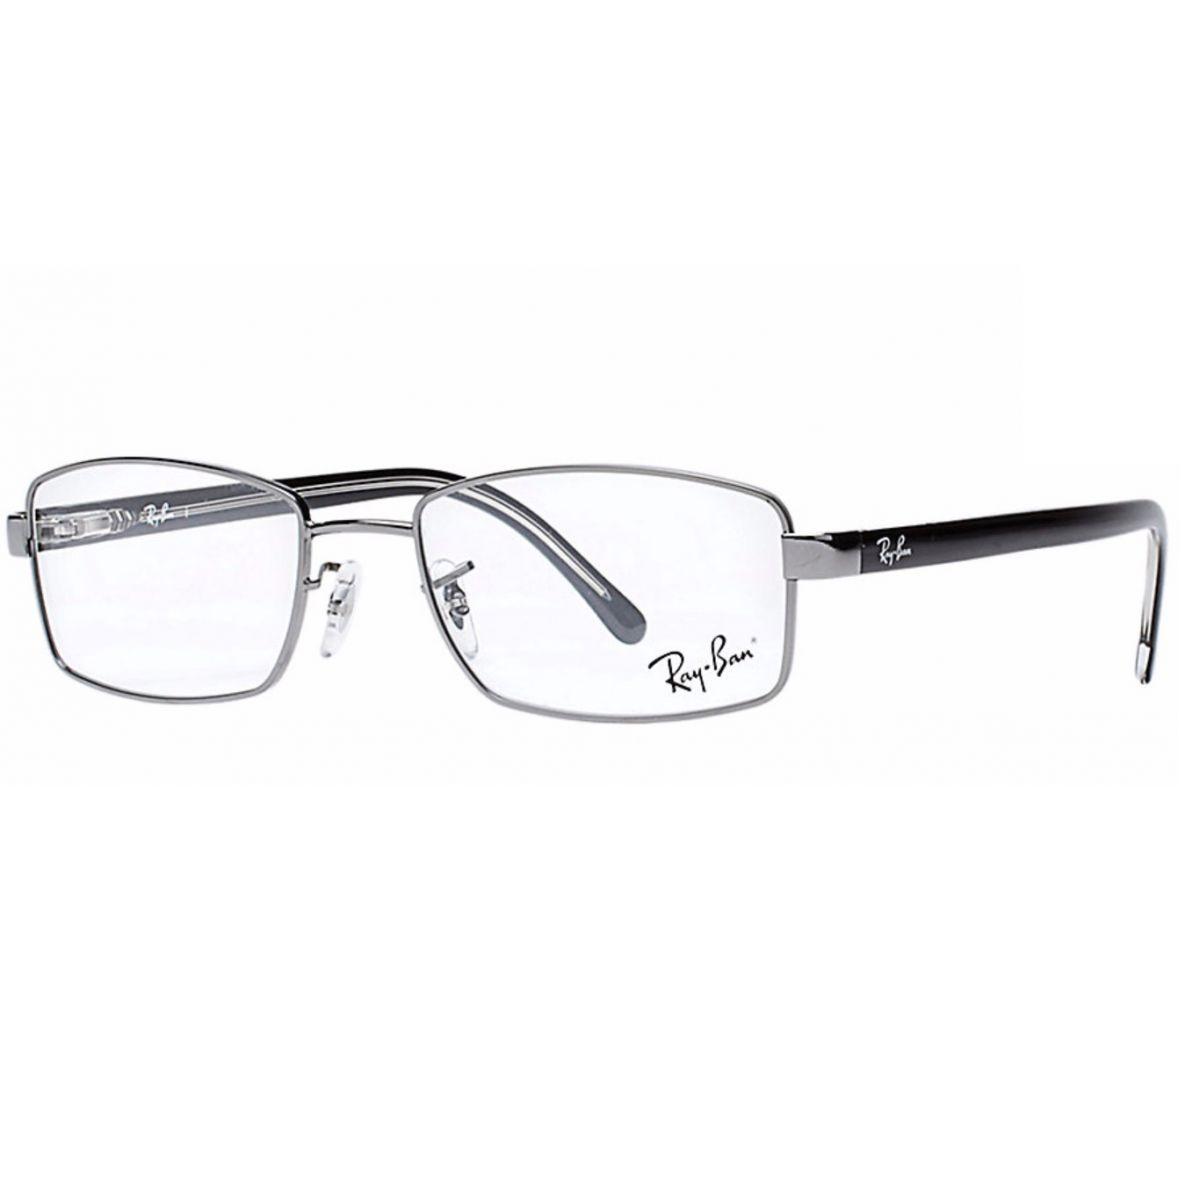 Oculos Masculinos 2013   www.cepar.edu.au. Óculos De Grau Ray Ban RB7027  5565 Tam.56Ray Ban OriginalRay ... 0f9fa6ac5a